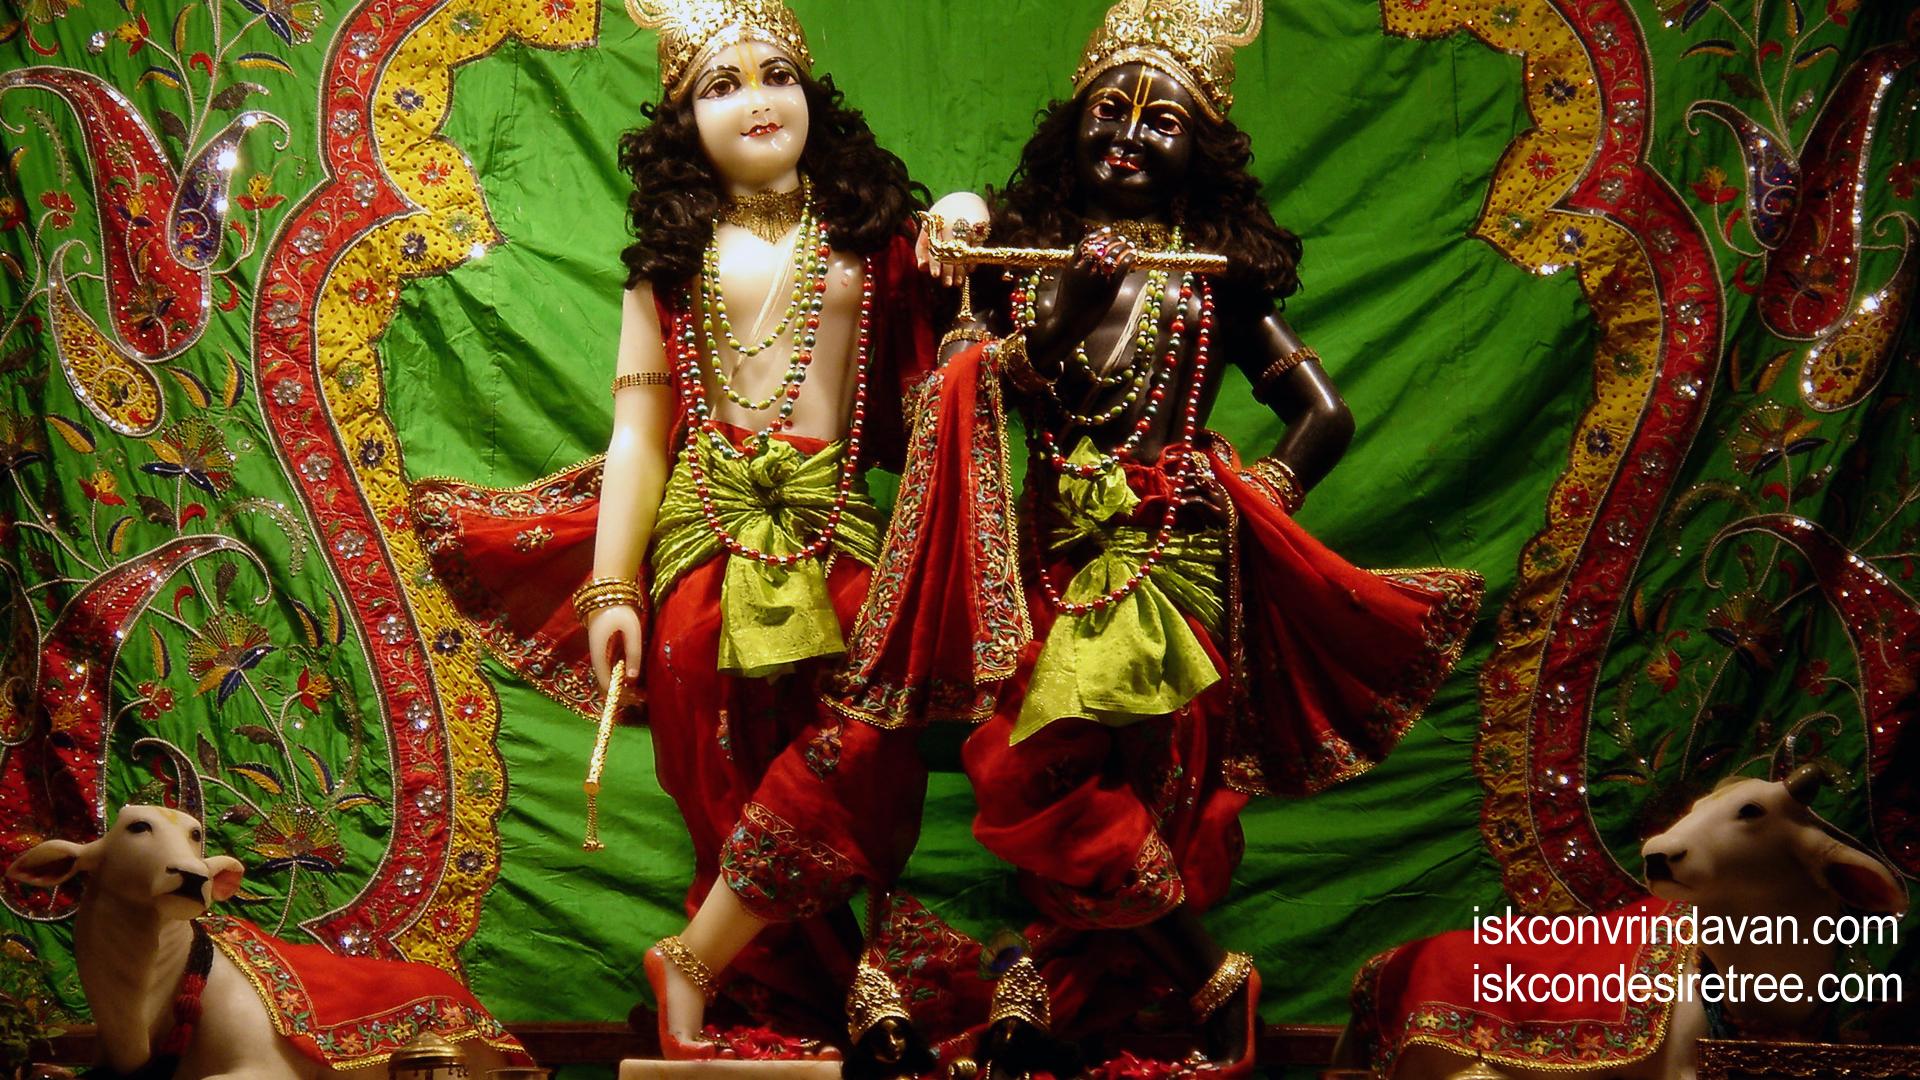 Sri Sri Krishna Balaram Wallpaper (066) Size 1920x1080 Download